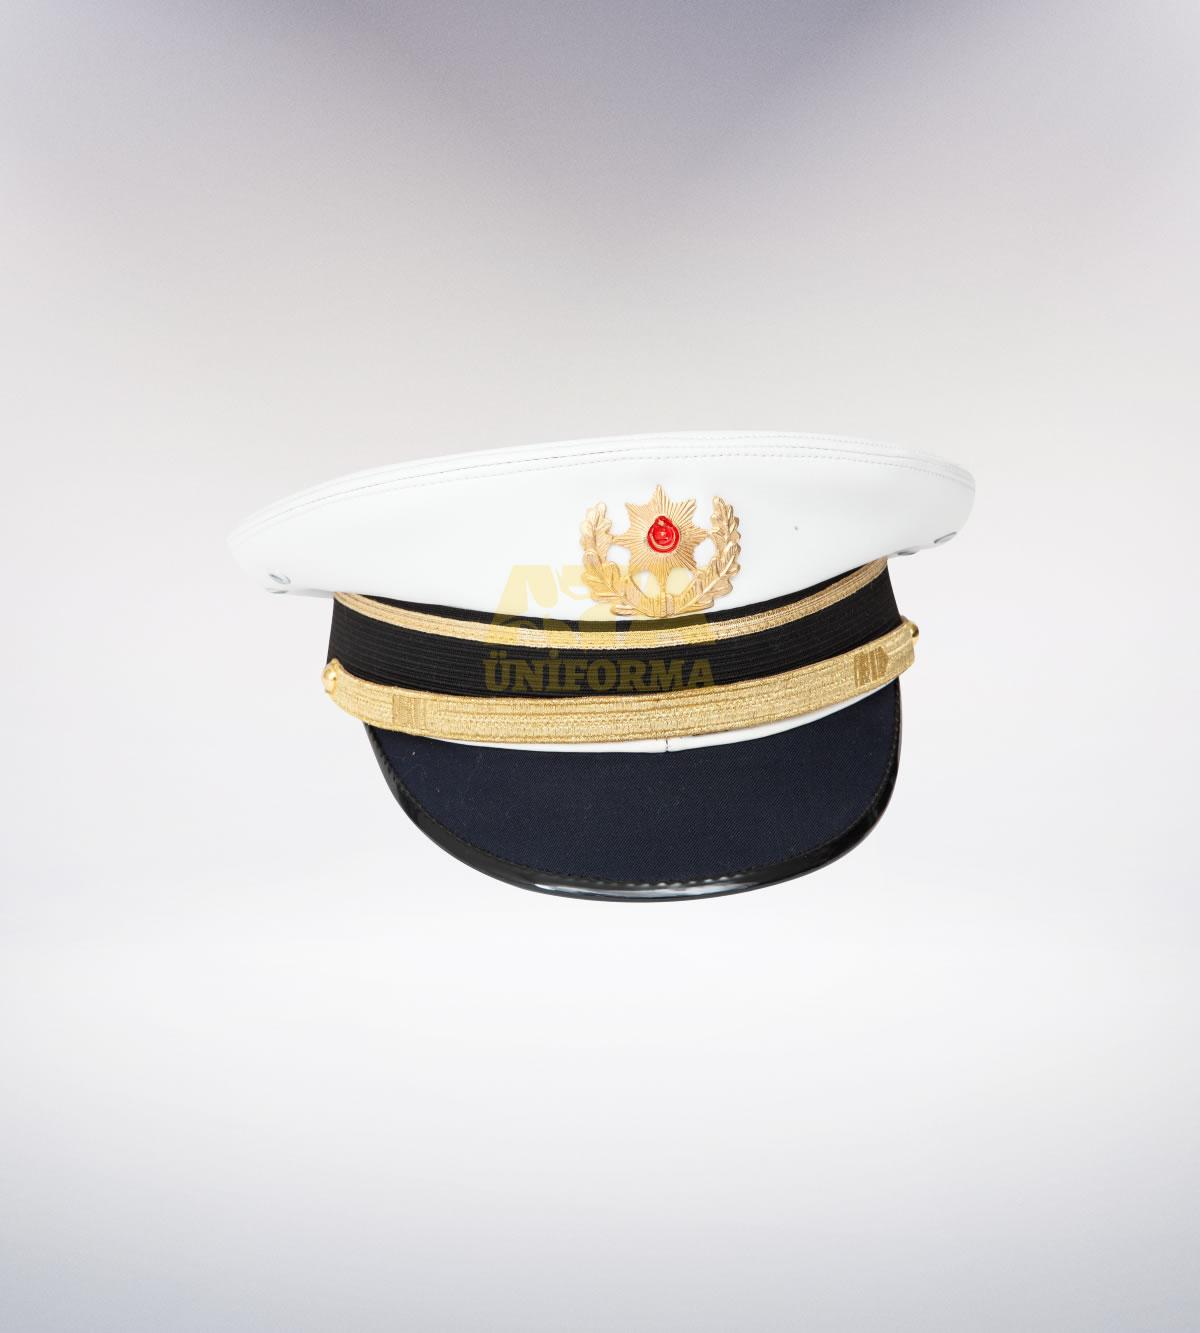 ATA-1094 Trafik polis müdür tören şapka - polis elbiseleri | polis  üniformaları | polis kıyafetleri